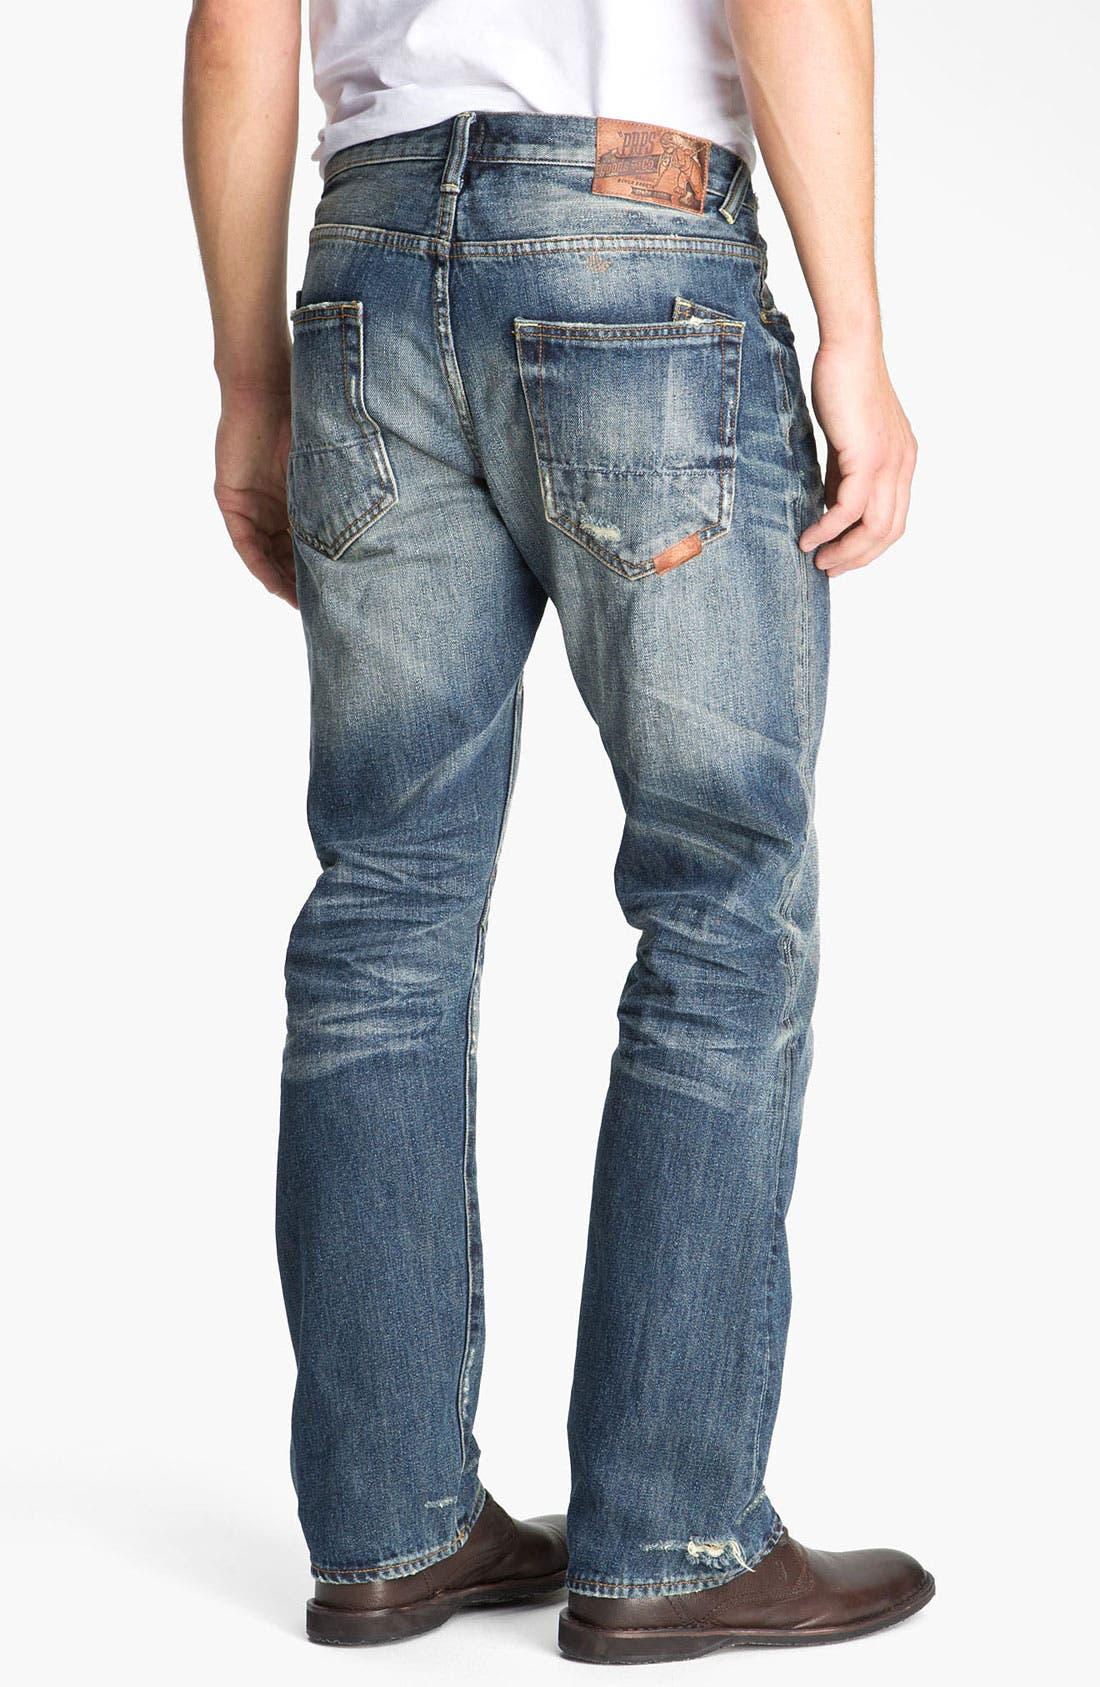 Alternate Image 1 Selected - PRPS 'Leap Frog' Straight Leg Jeans (Light Bone)